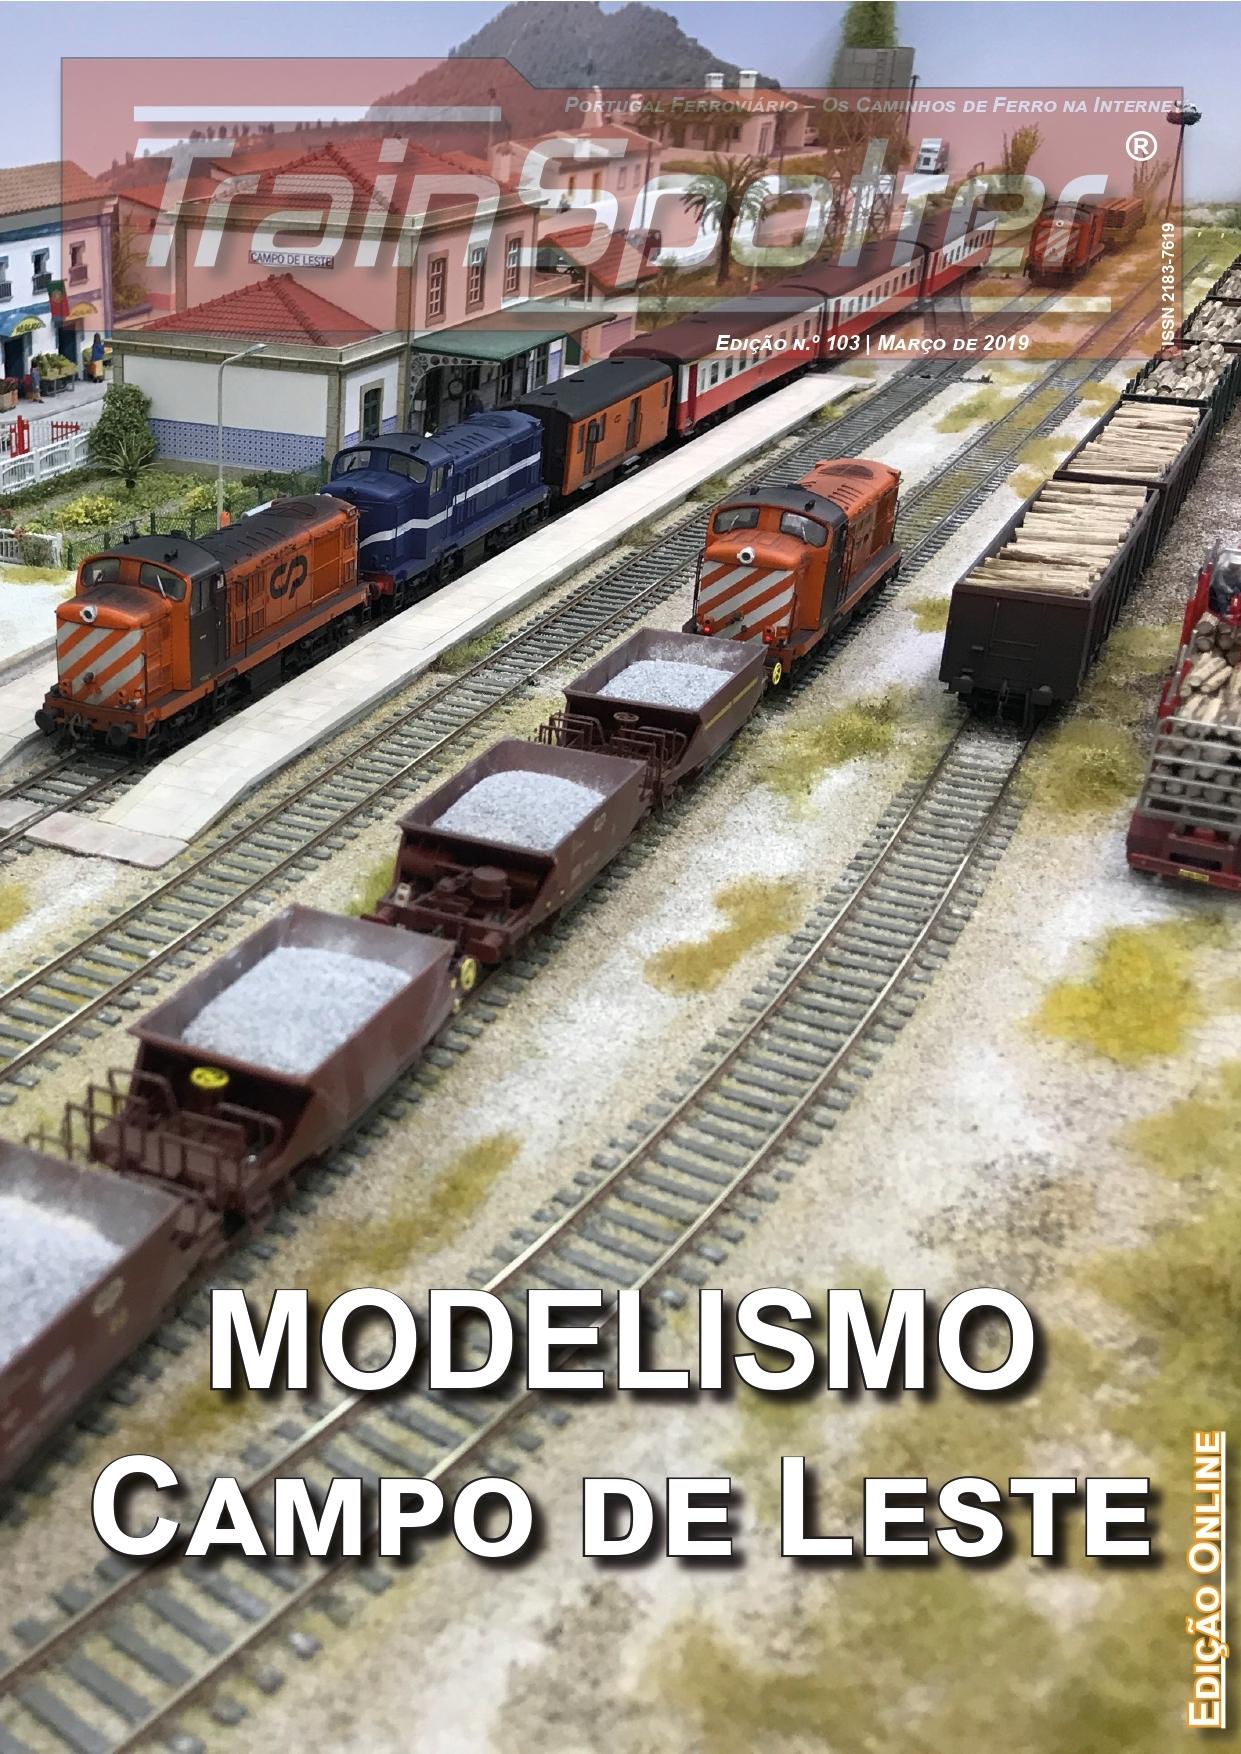 Trainspotter nº 103 – Março de 2019